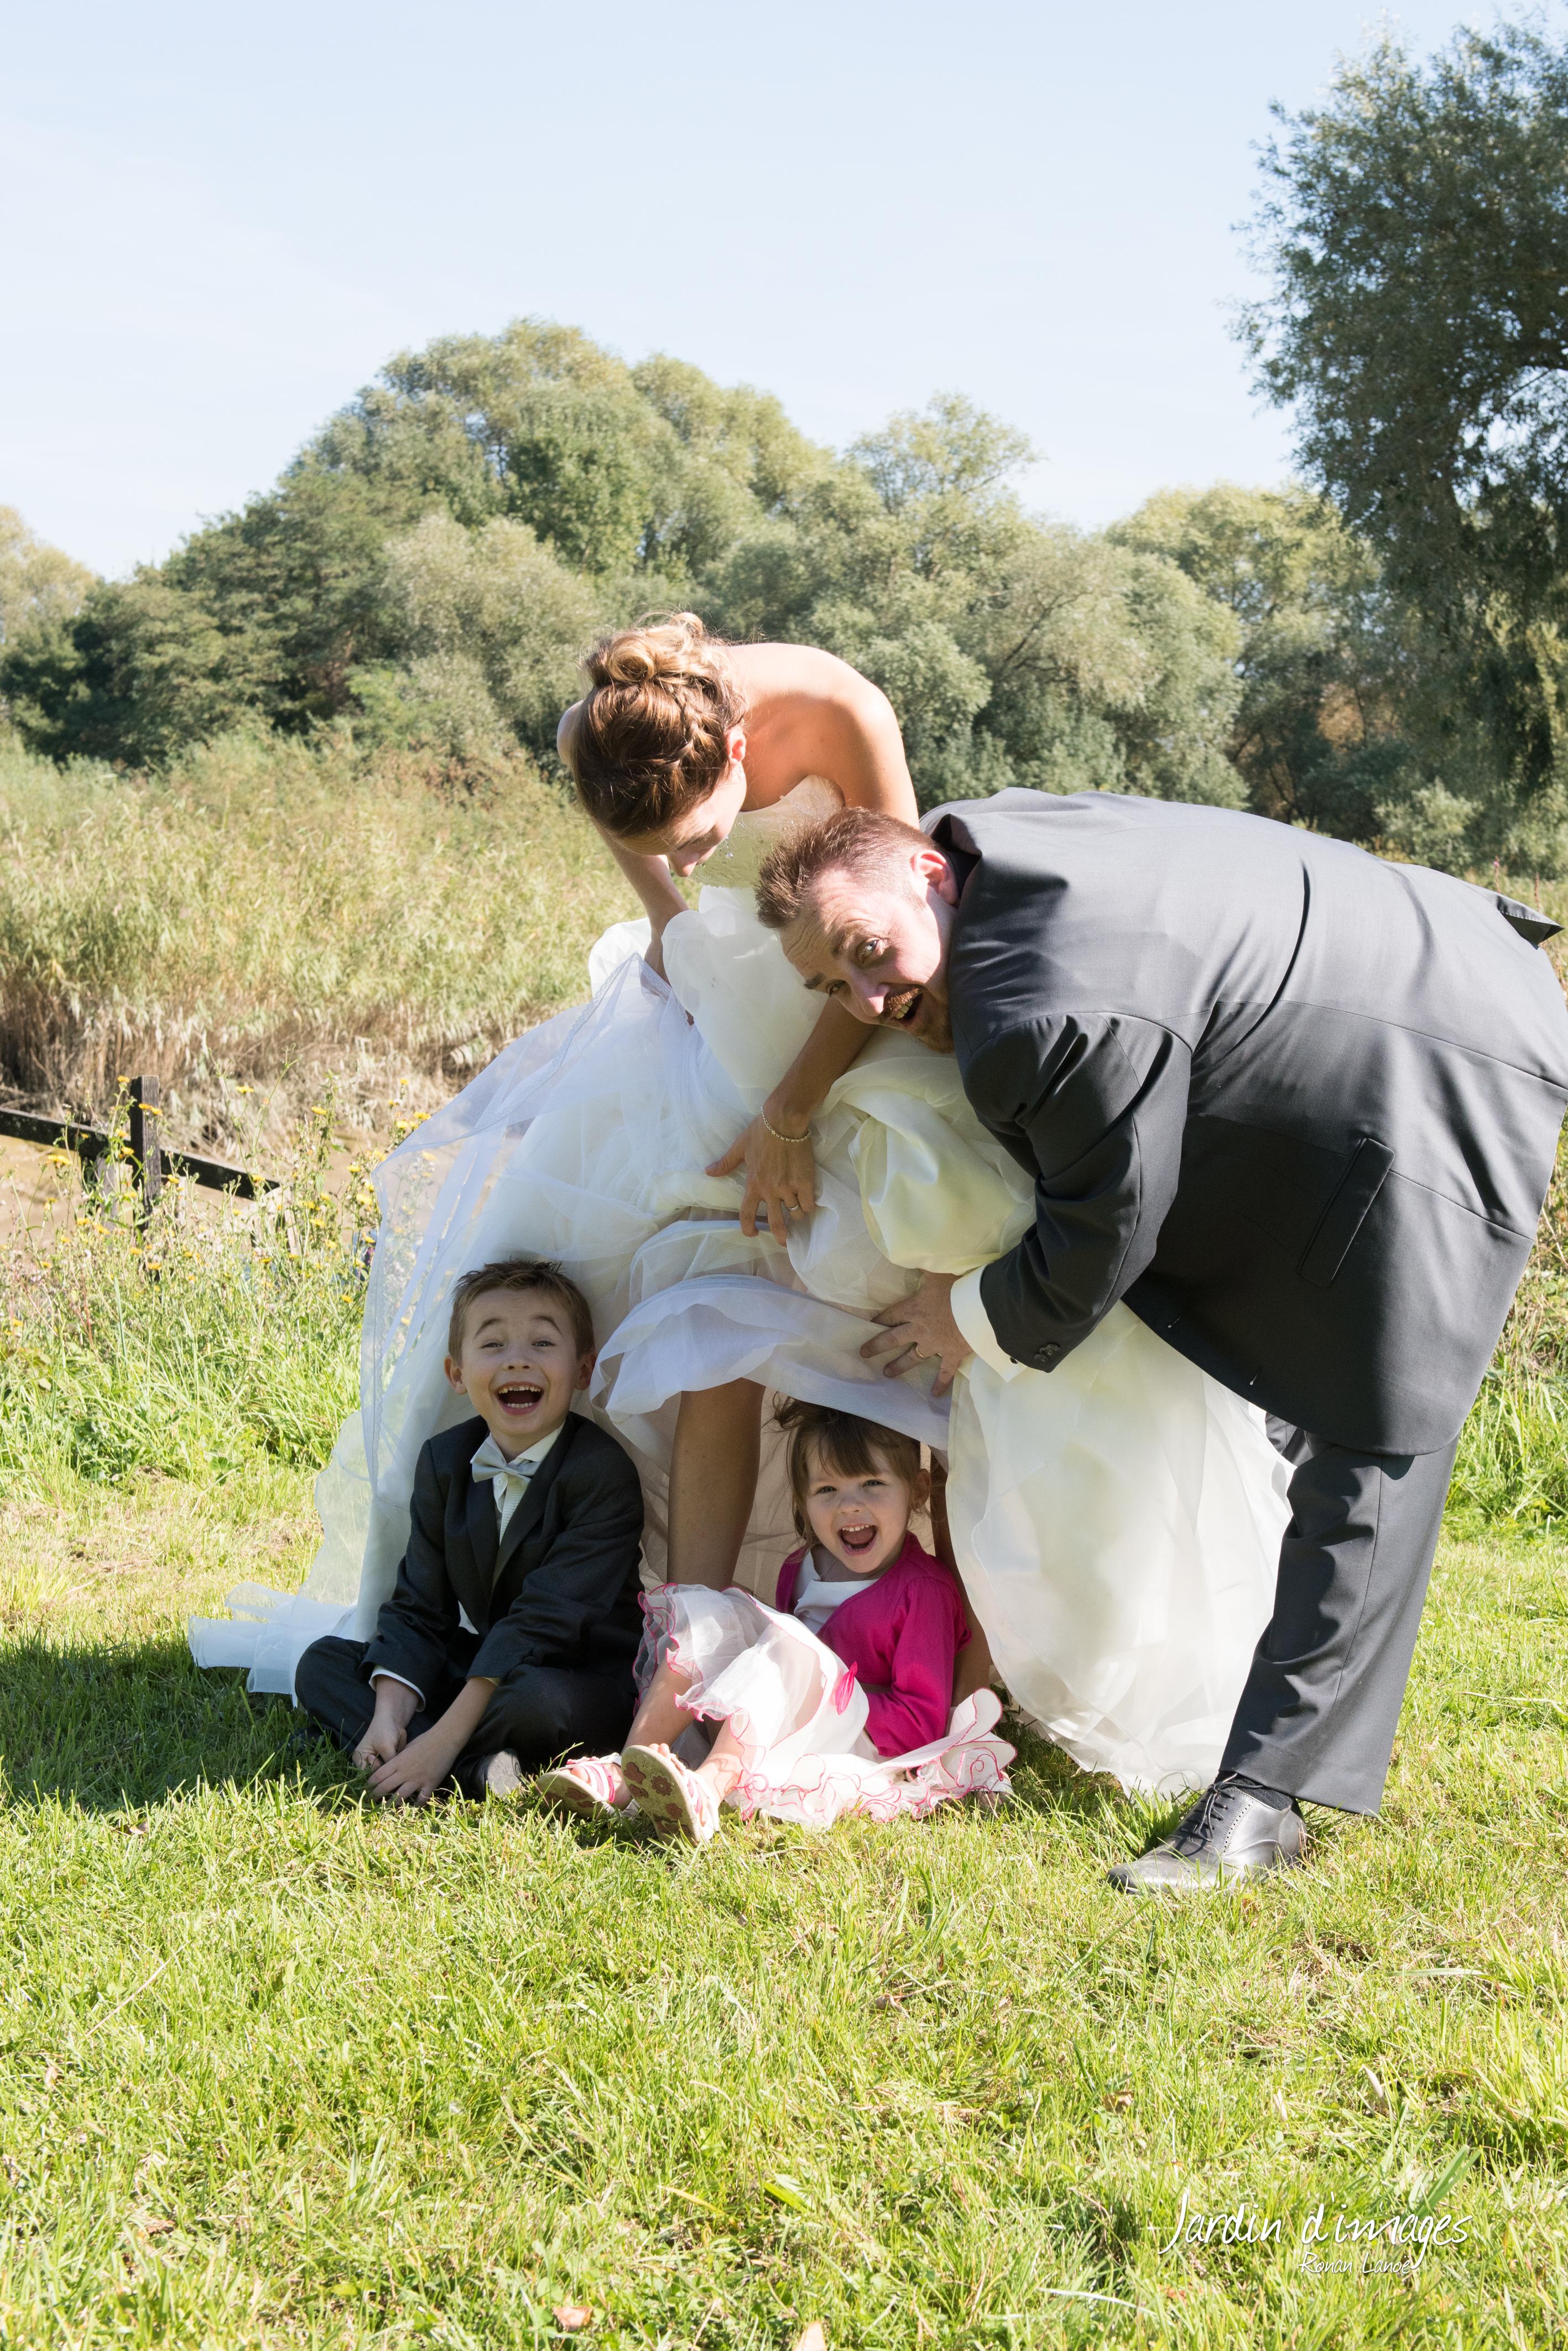 enfants mariage photographe